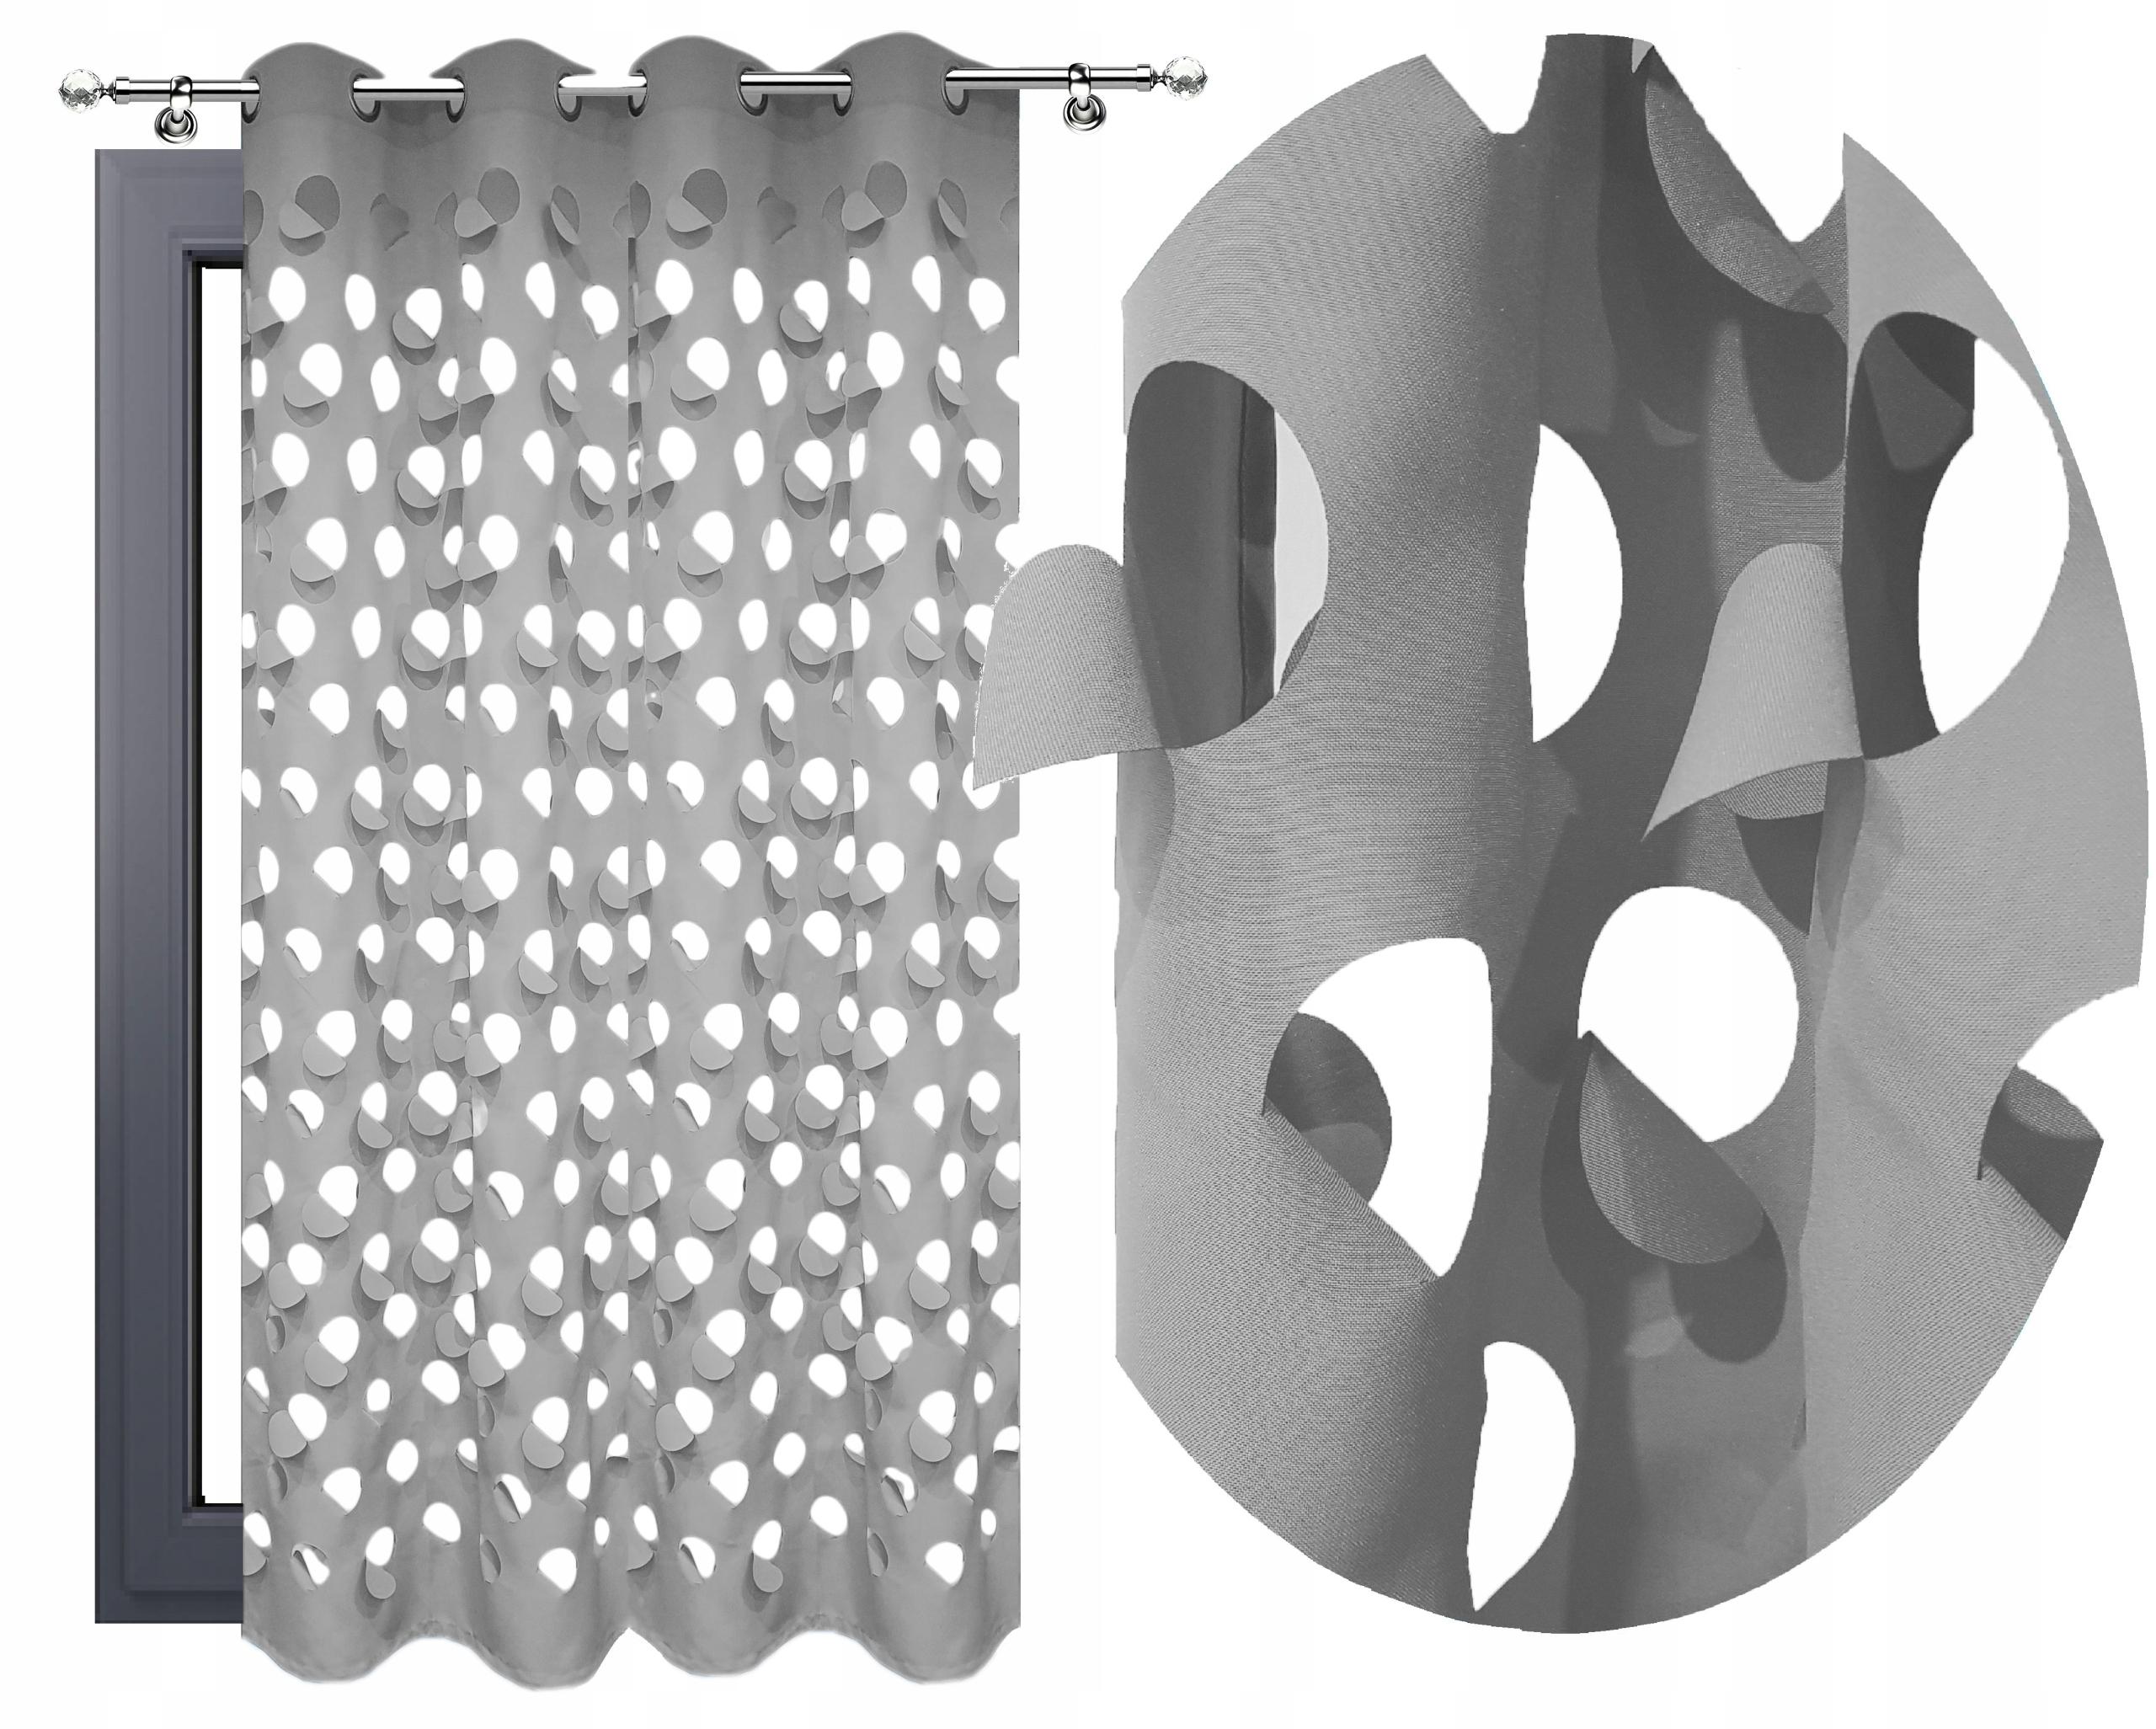 ZASŁONY 3D WYCINANE LASEROWO 140x250 AŻUROWE KÓŁKA